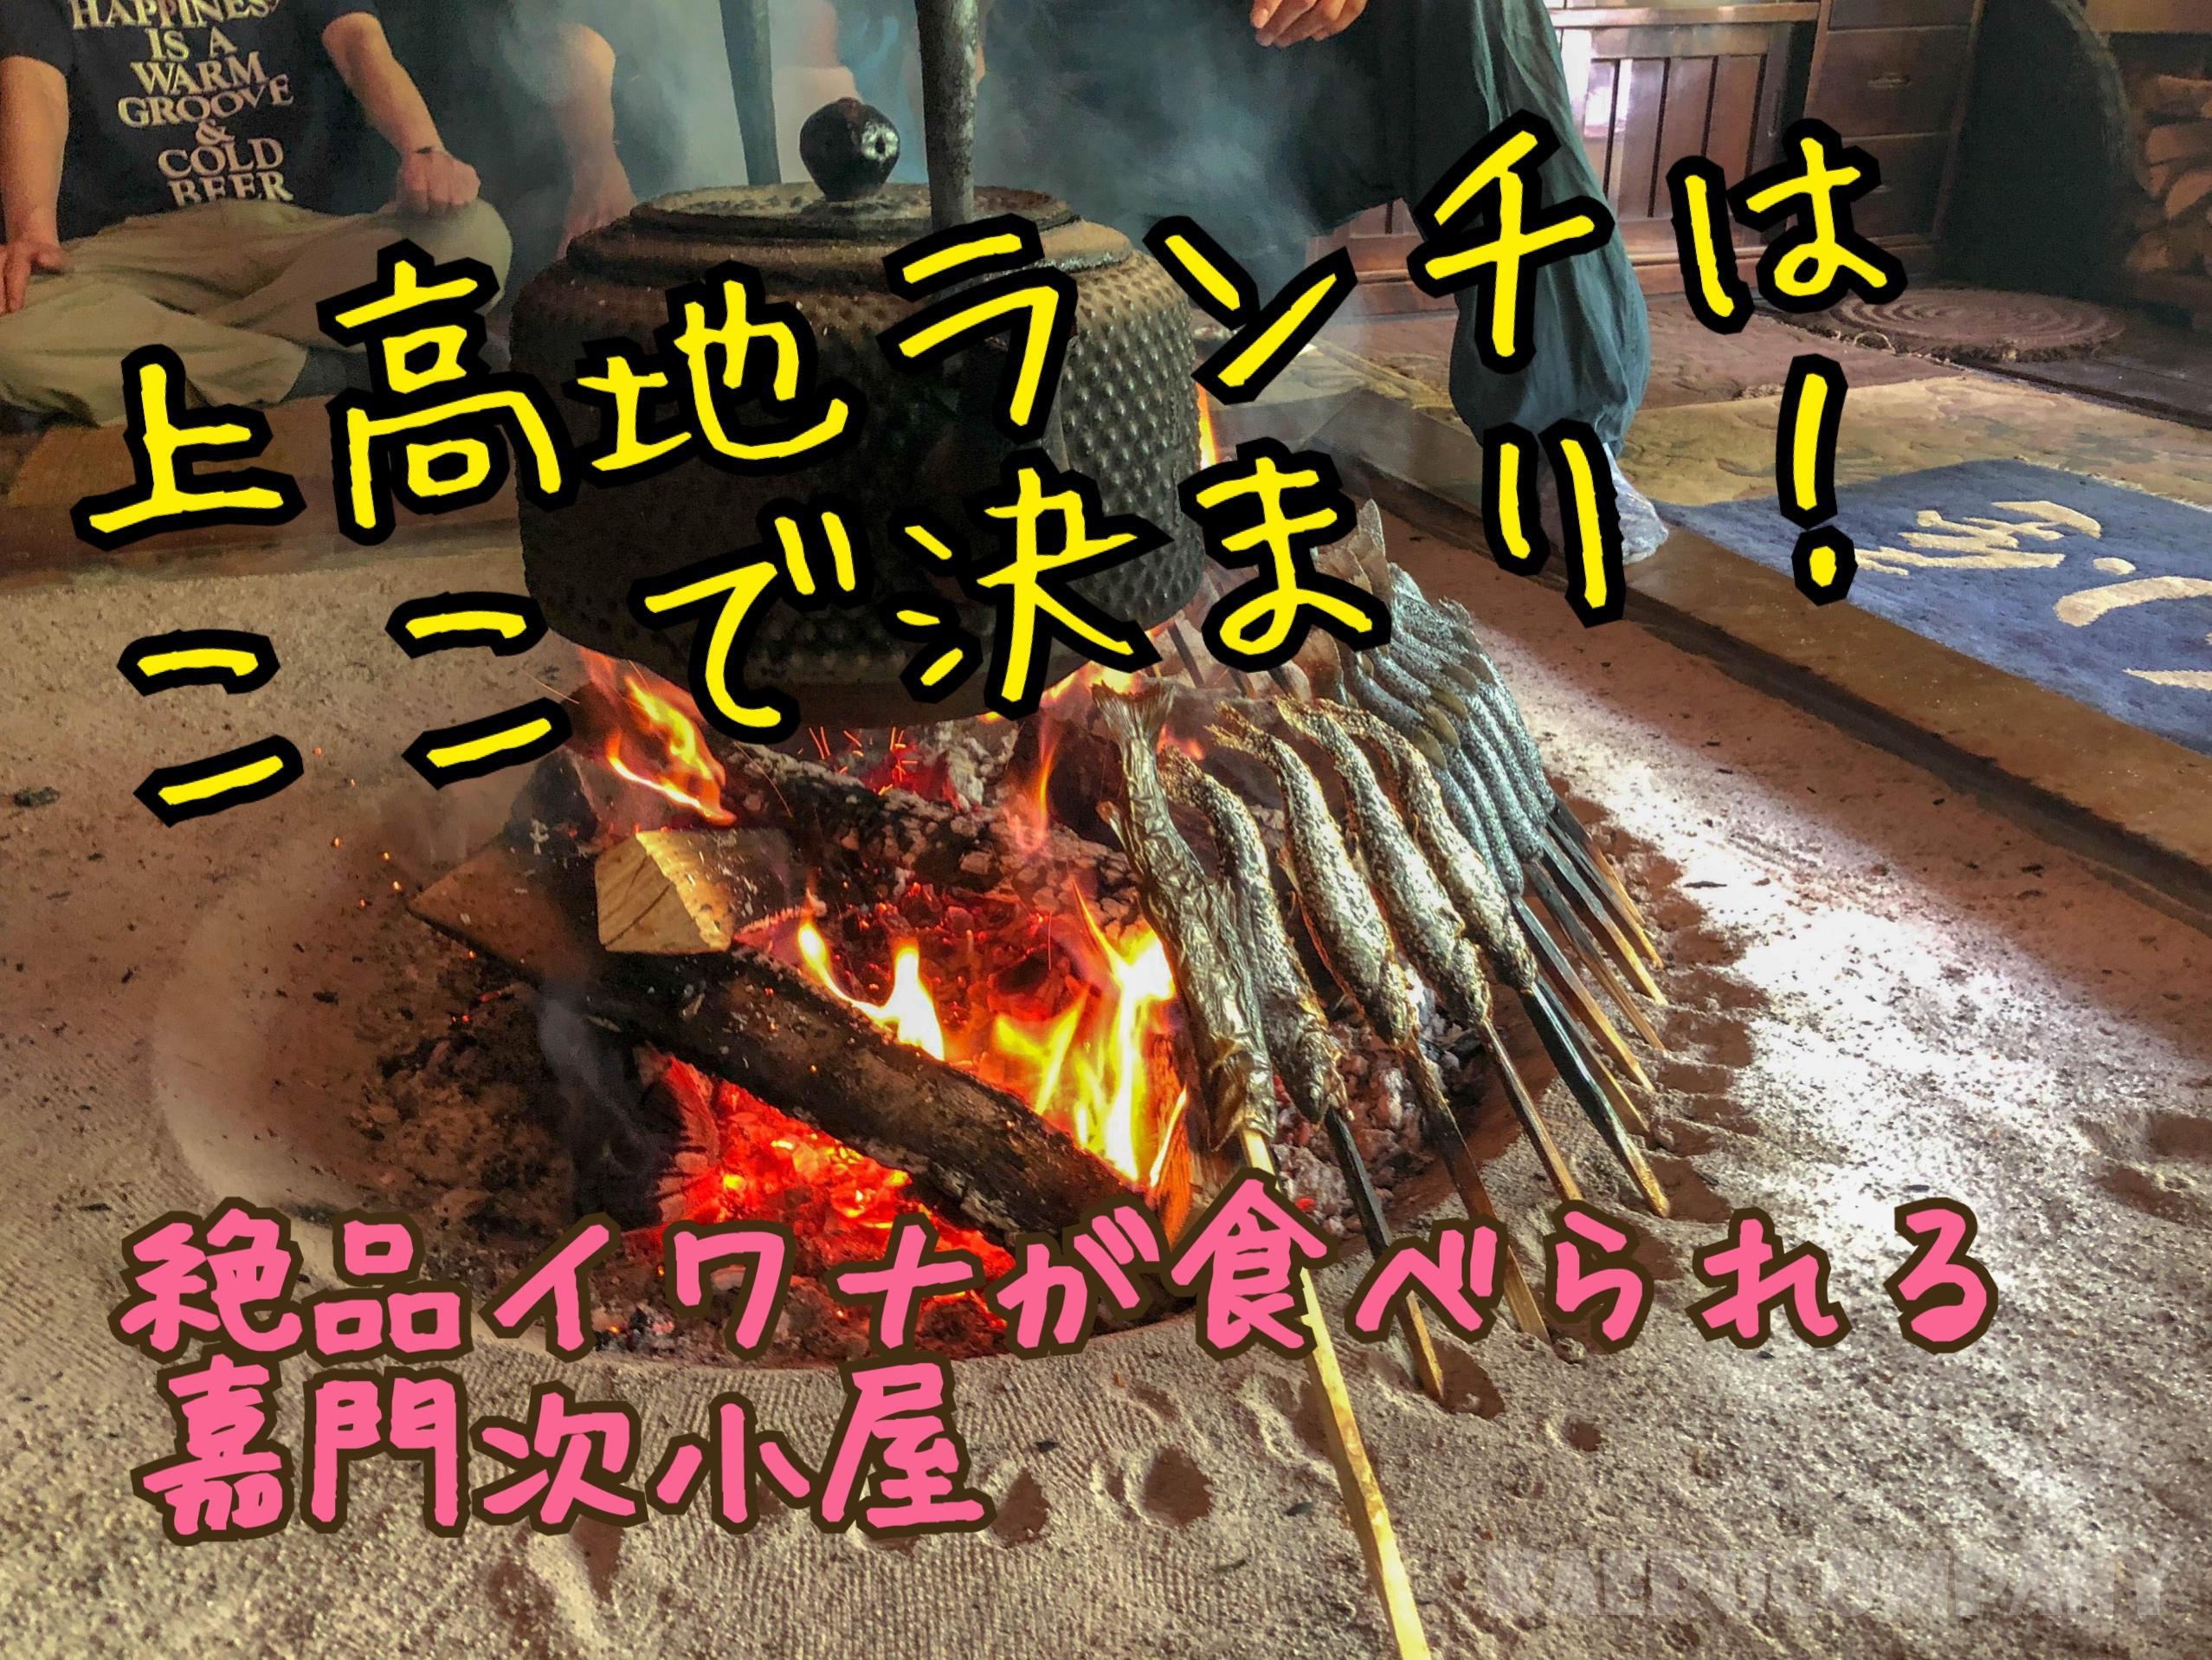 上高地でランチなら絶対ここ!囲炉裏で焼いた絶品イワナが食べられる【嘉門次小屋】